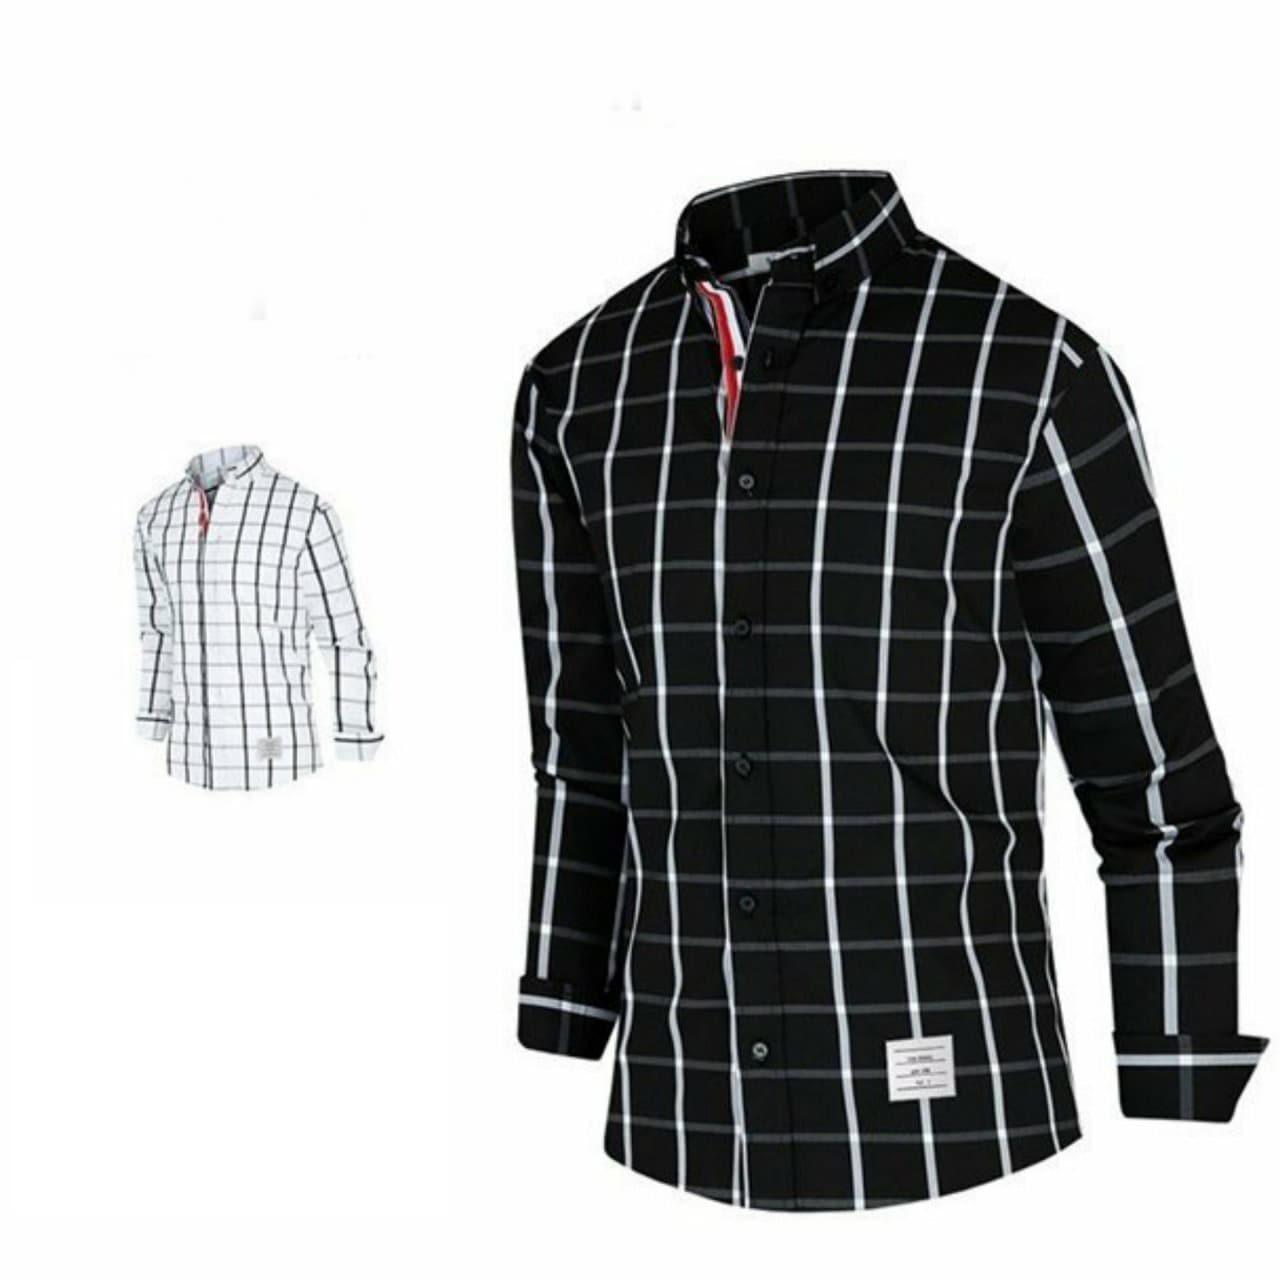 톰브라운 체크 셔츠